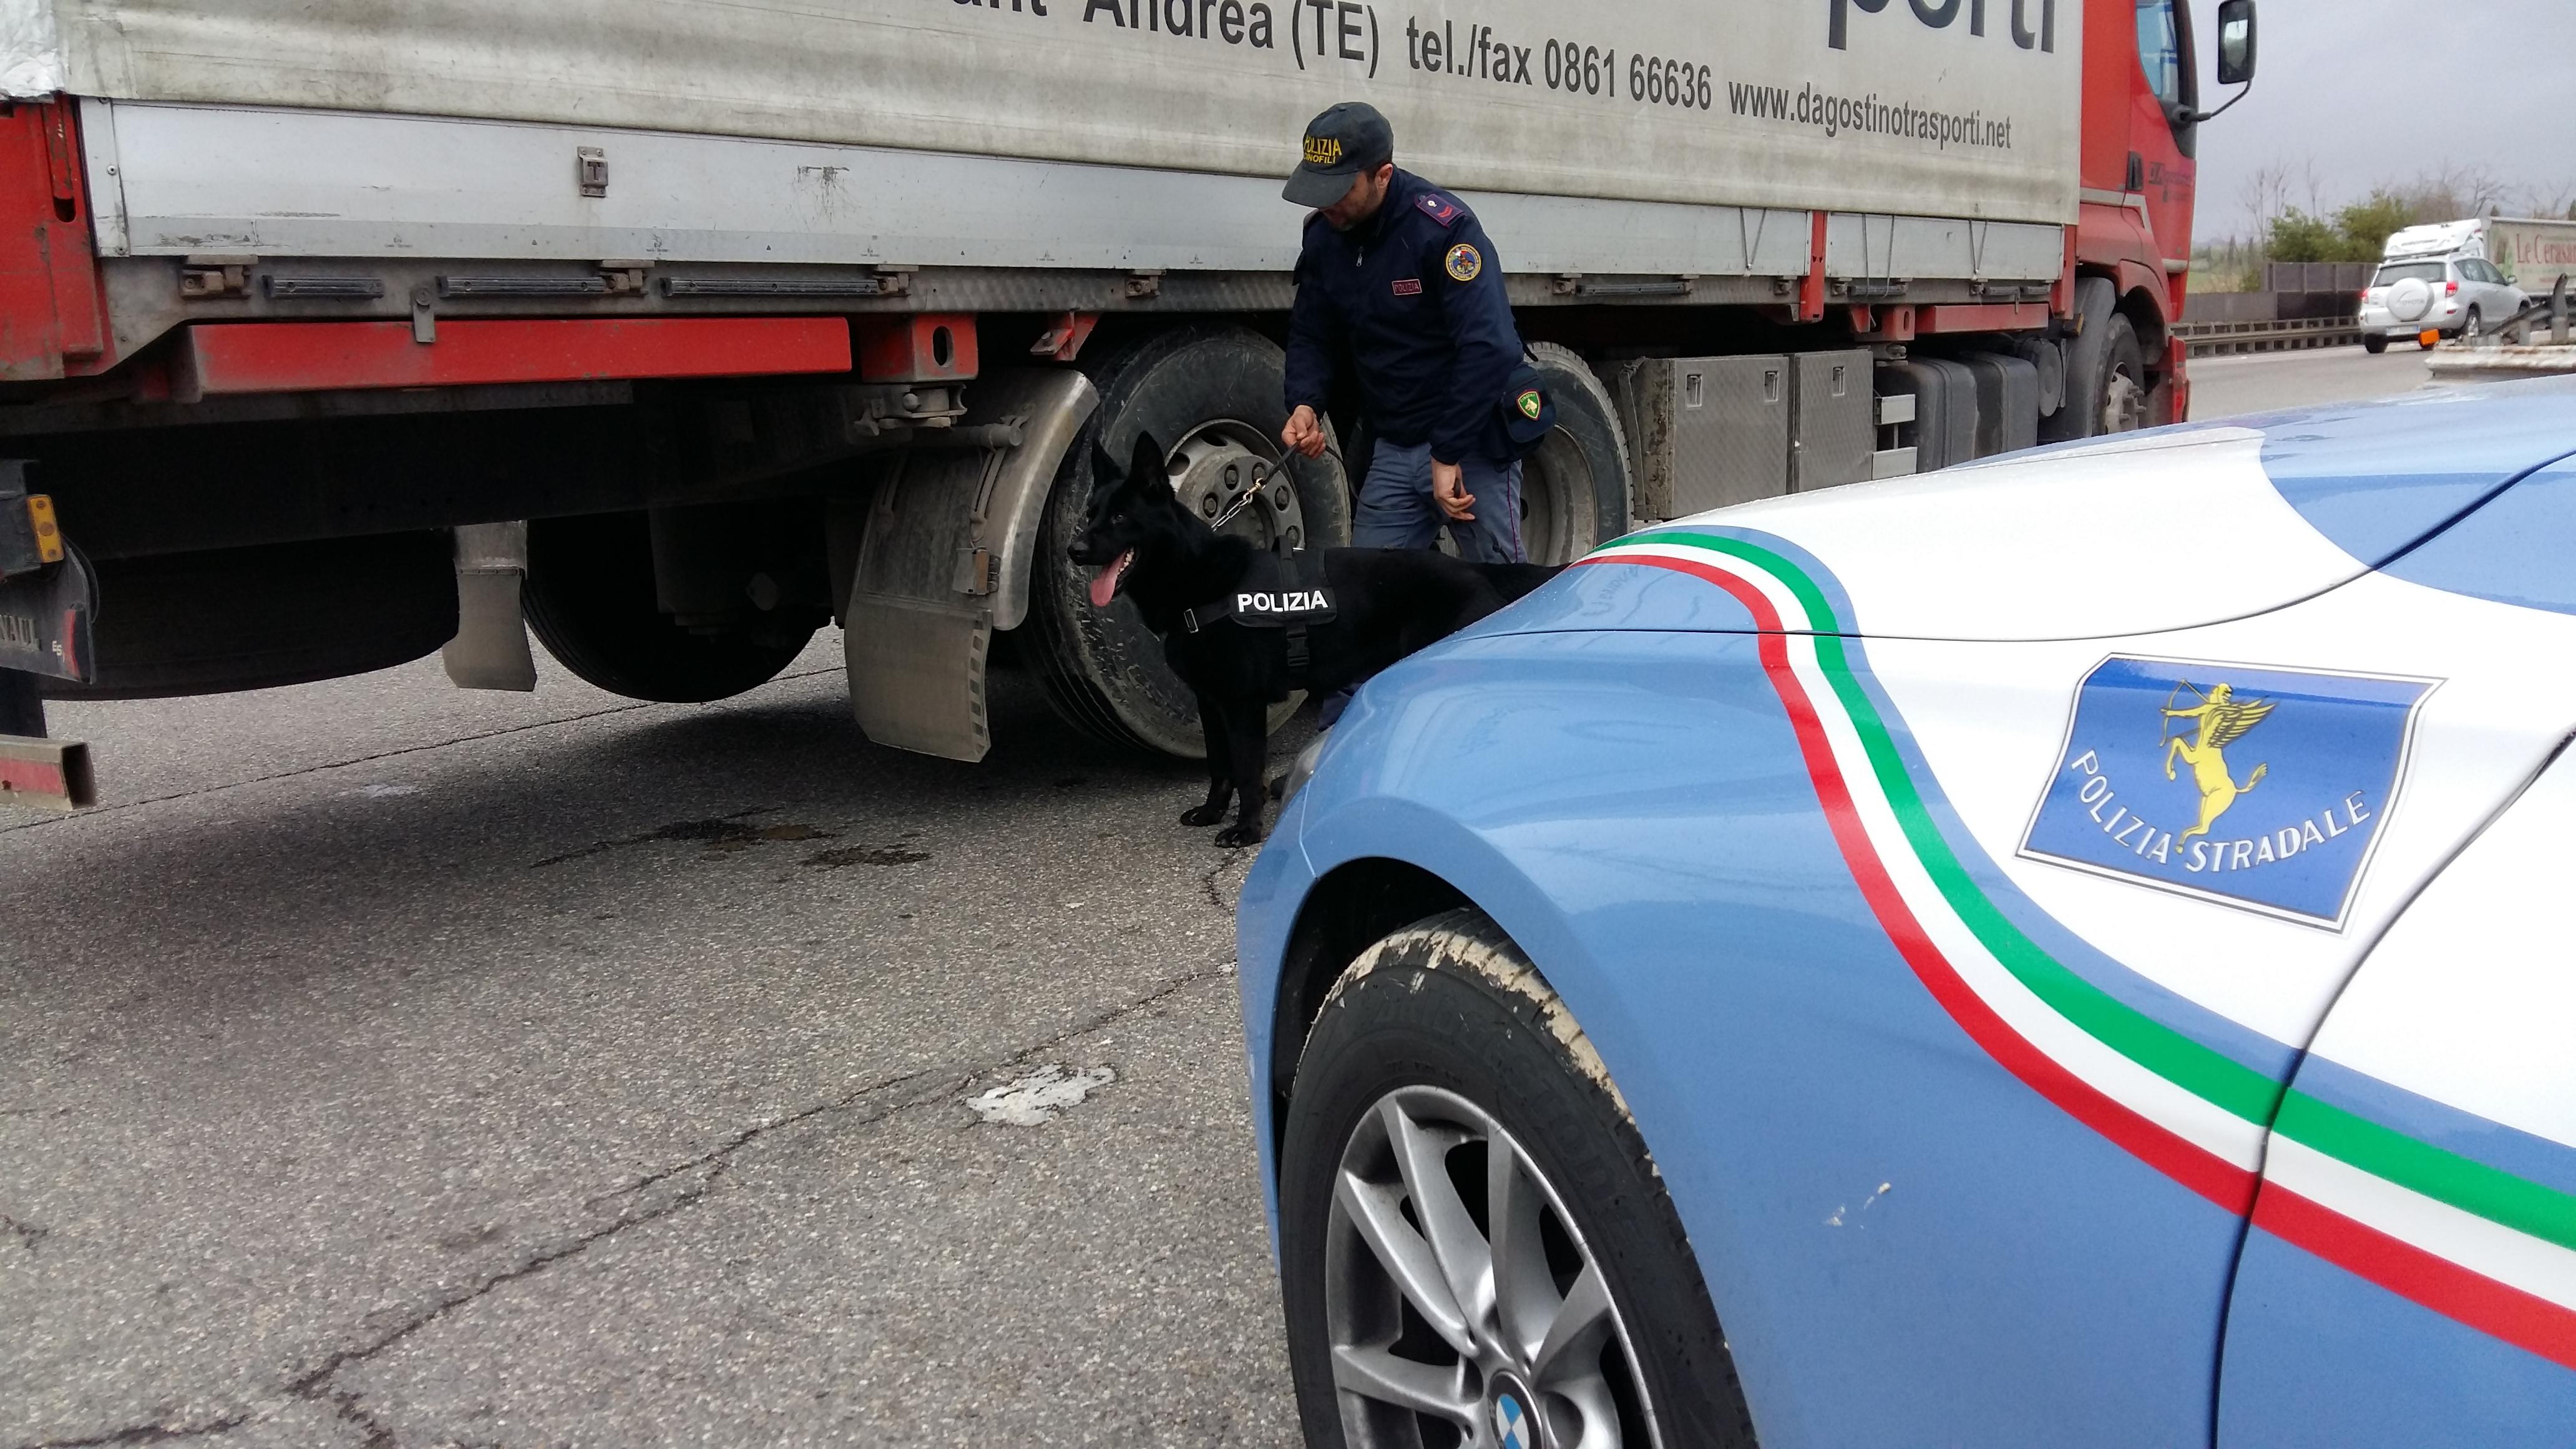 Troppe ore alla guida senza riposare, multato dalla Polizia